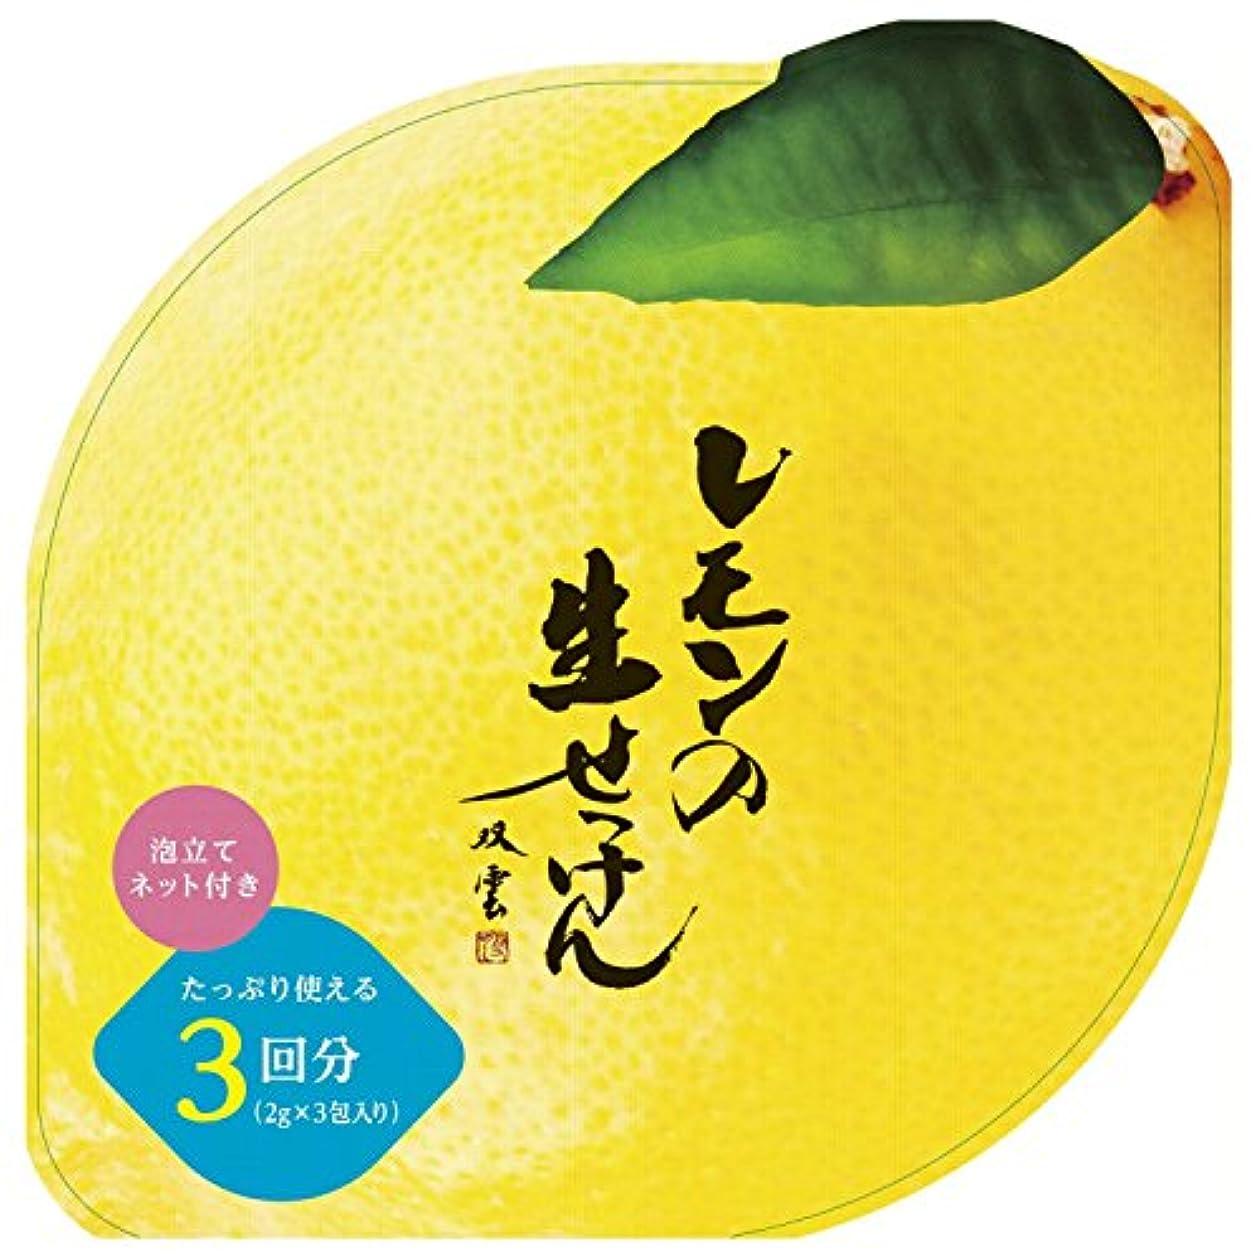 分離する食い違いタクシー美香柑 レモンの生せっけん 2g×3包入